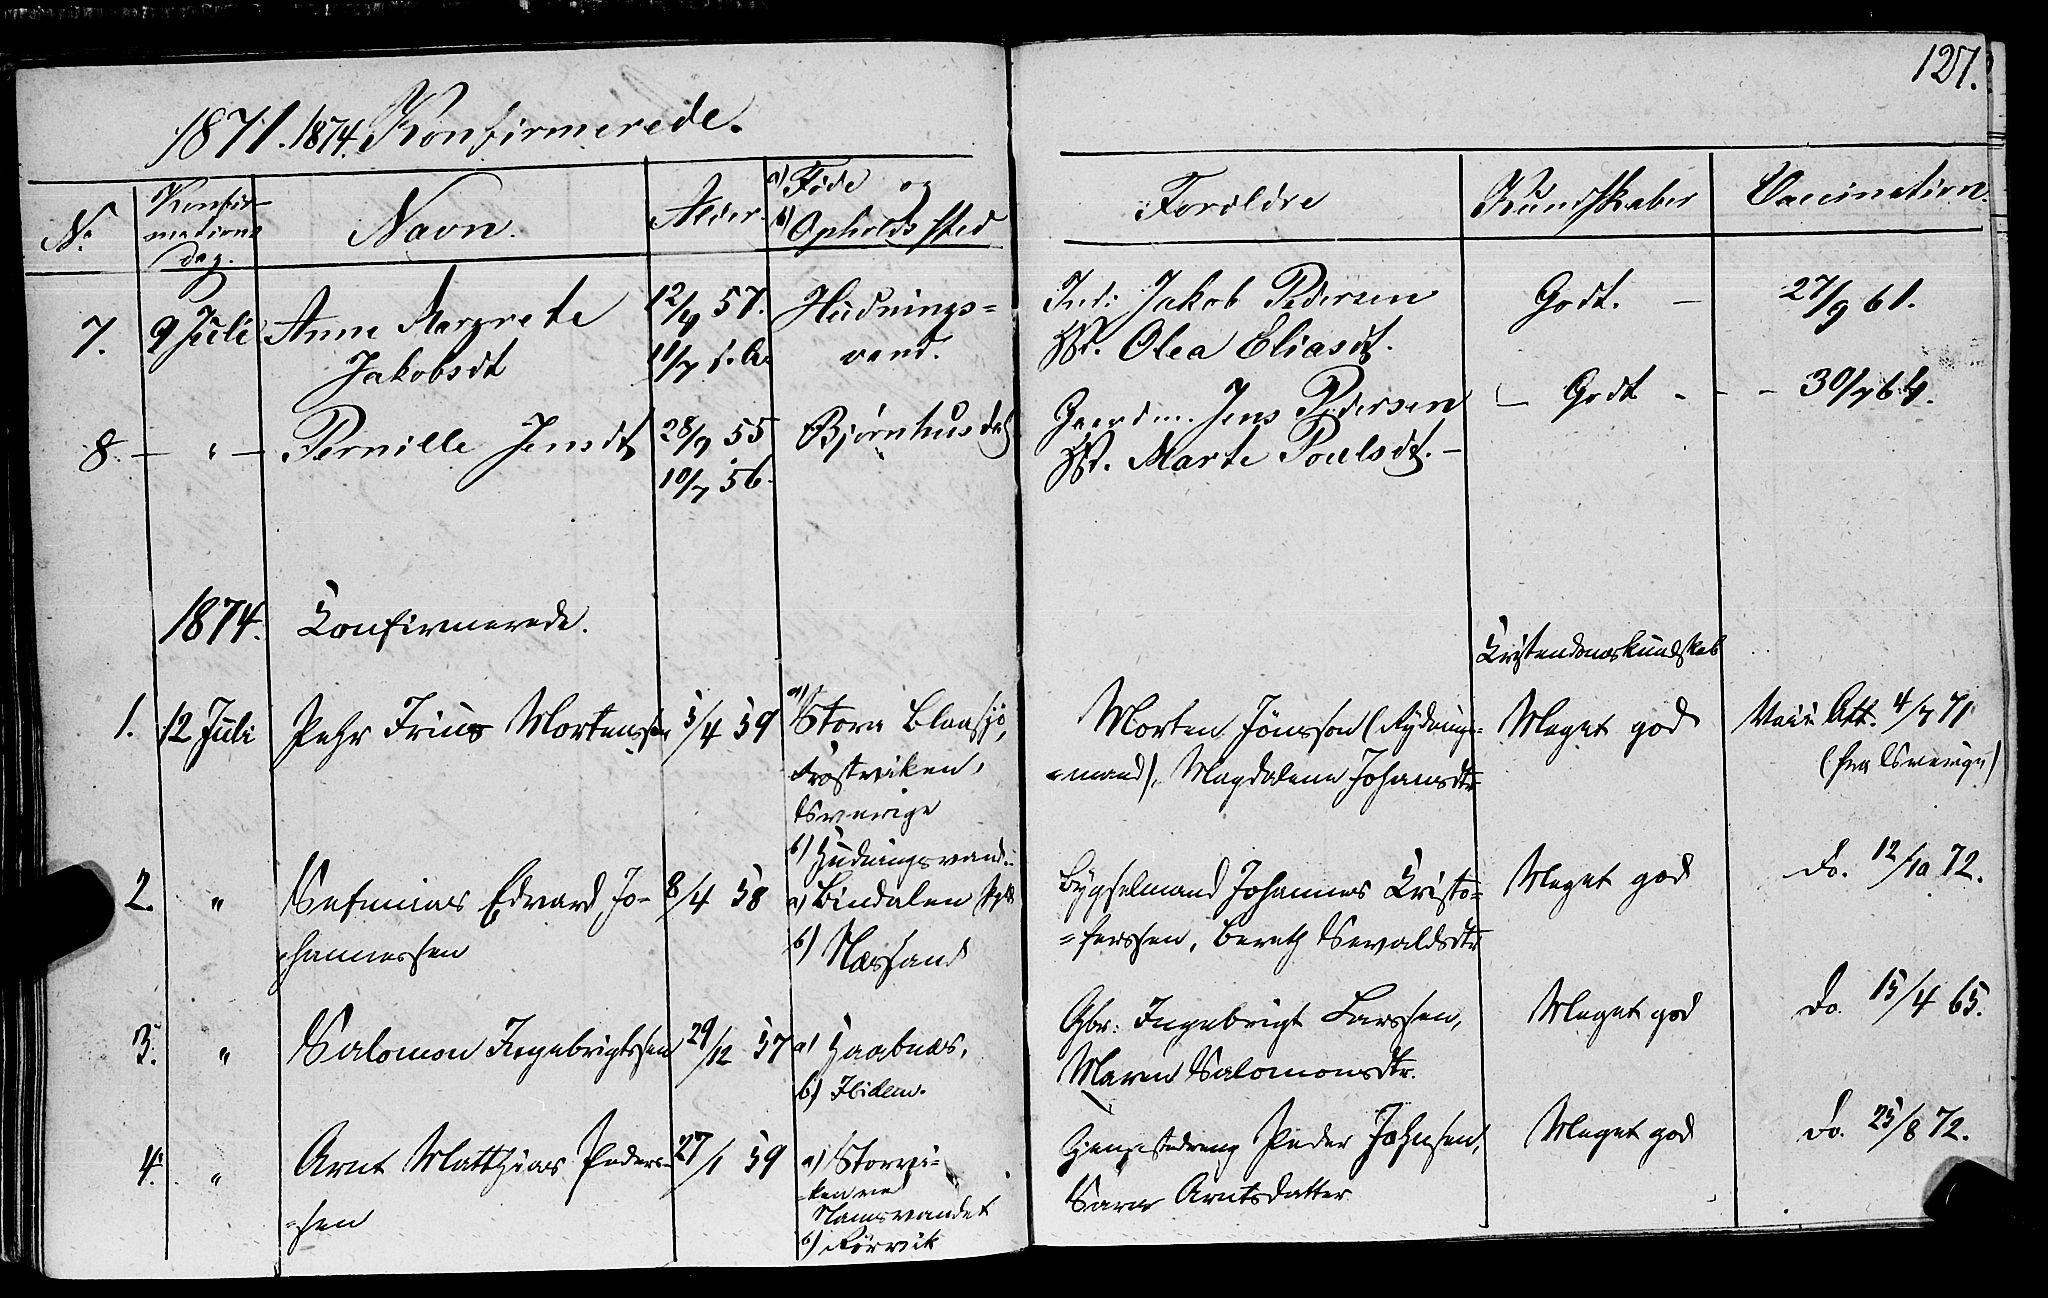 SAT, Ministerialprotokoller, klokkerbøker og fødselsregistre - Nord-Trøndelag, 762/L0538: Ministerialbok nr. 762A02 /1, 1833-1879, s. 127